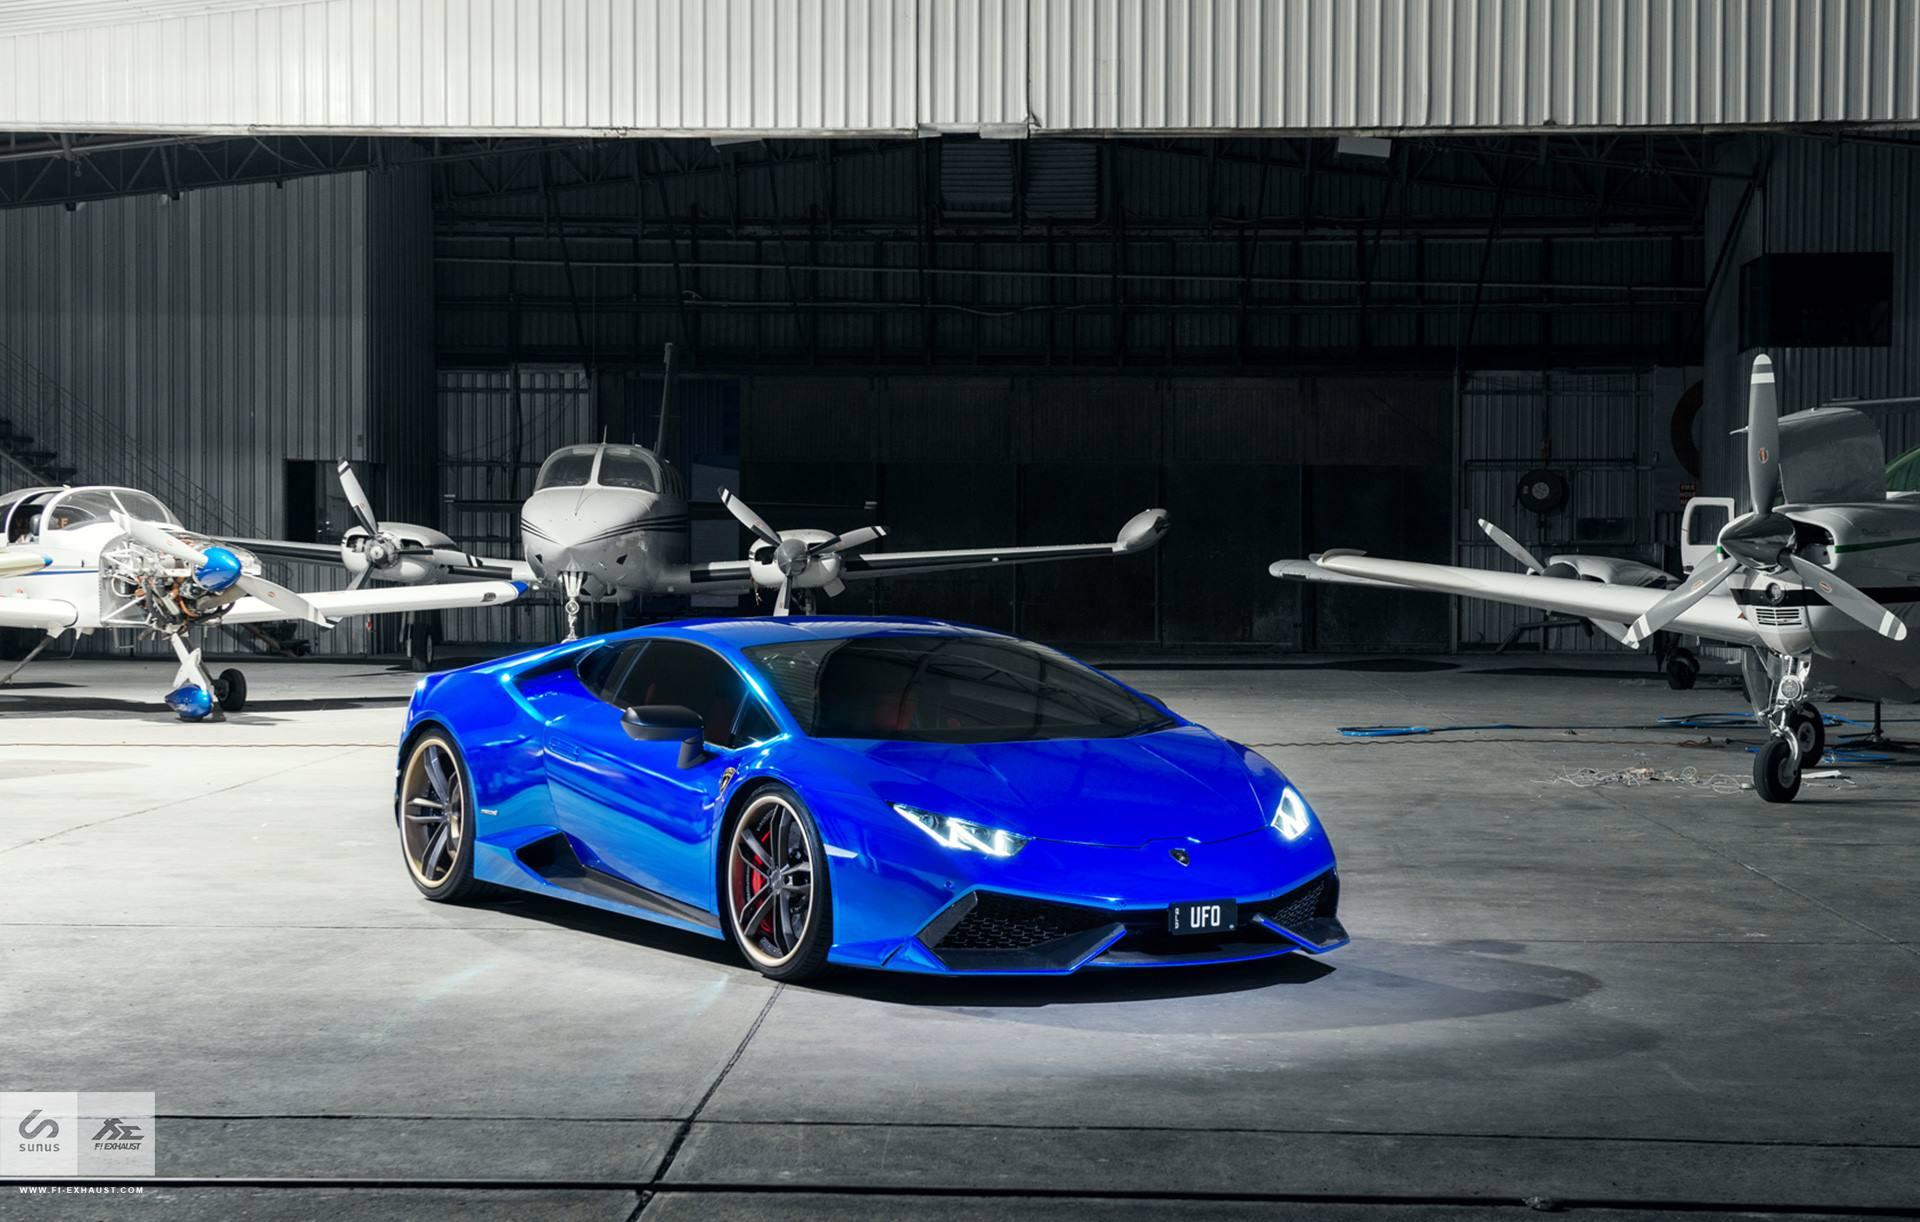 blue chrome lamborghini huracan 1 of 16 thanks - Lamborghini Huracan Blue